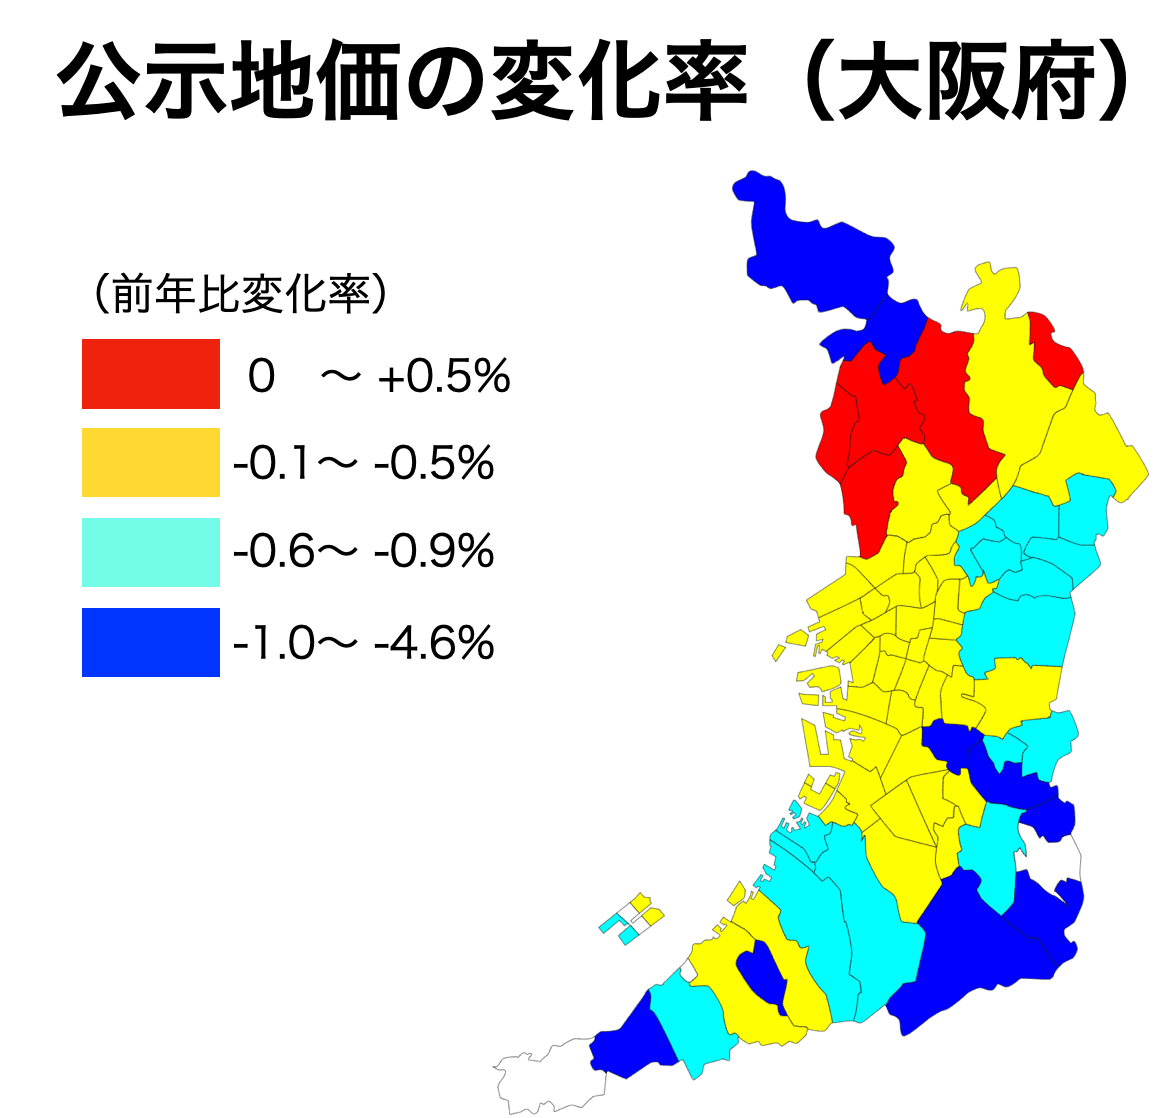 大阪府の公示地価の前年比変化率